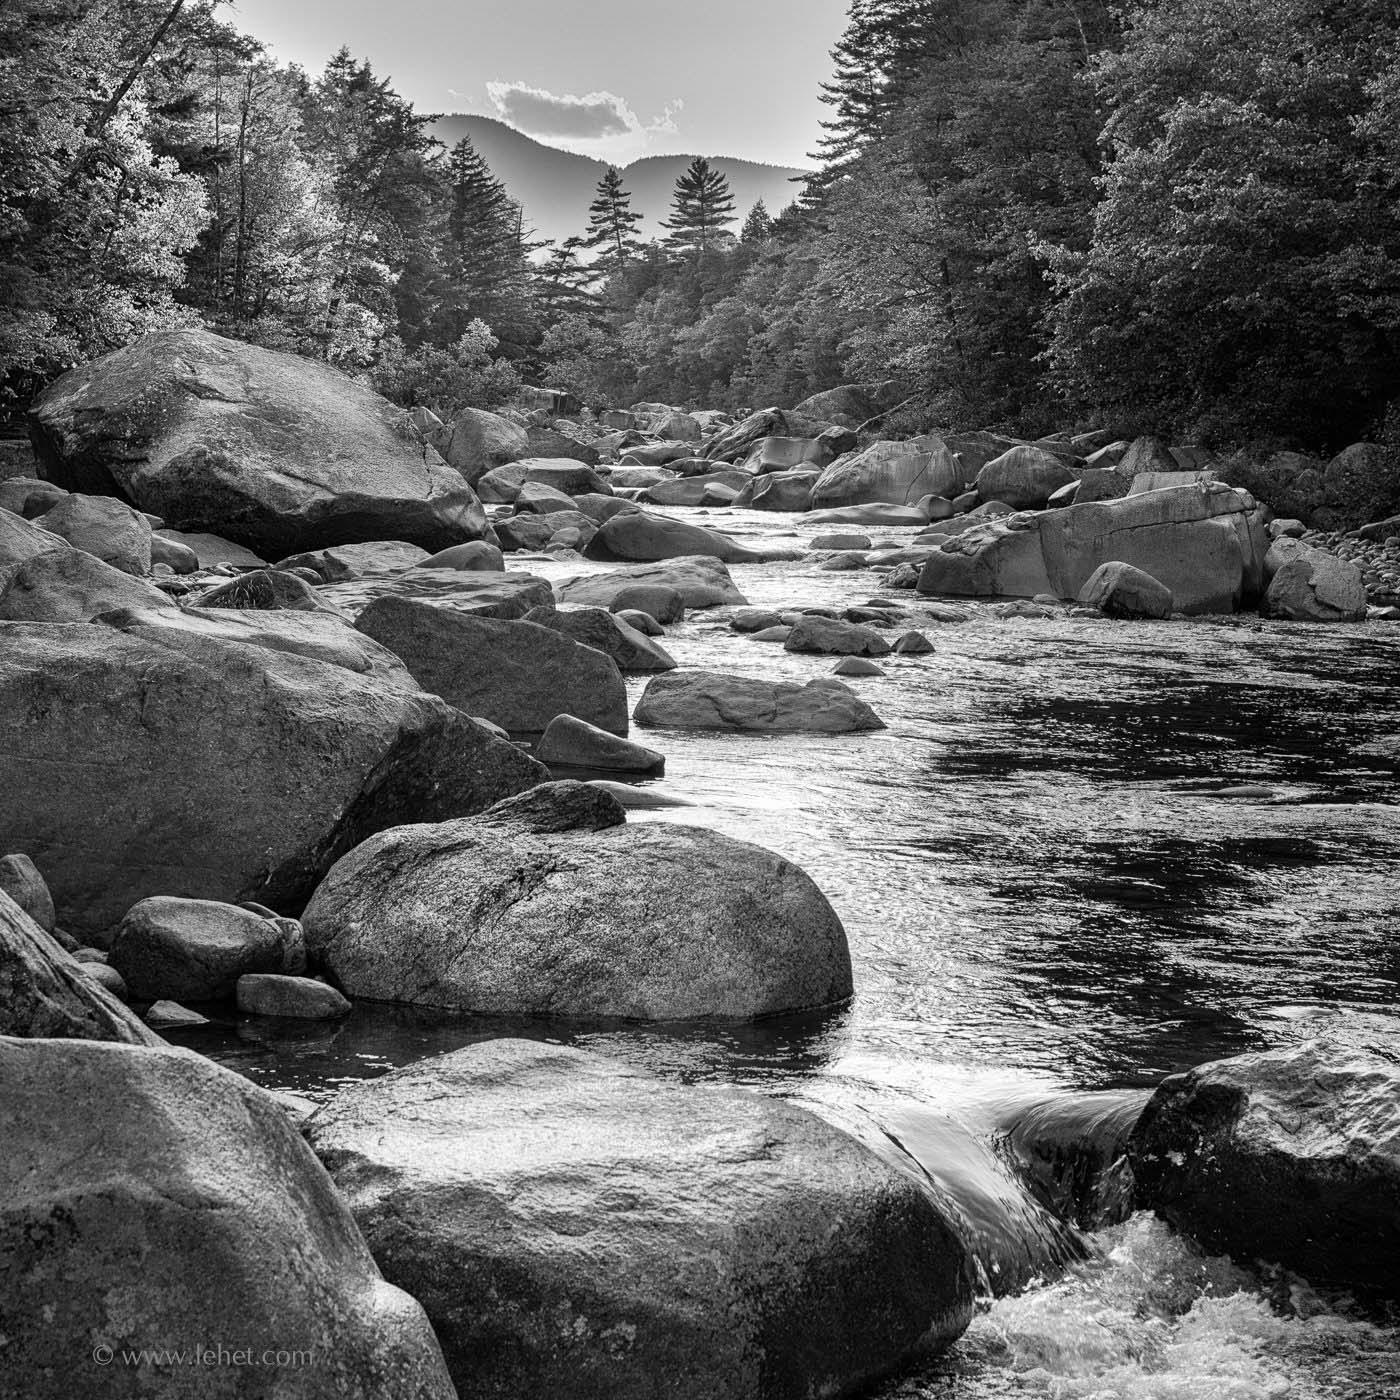 River Rocks, Swift River, White Mountains, NH